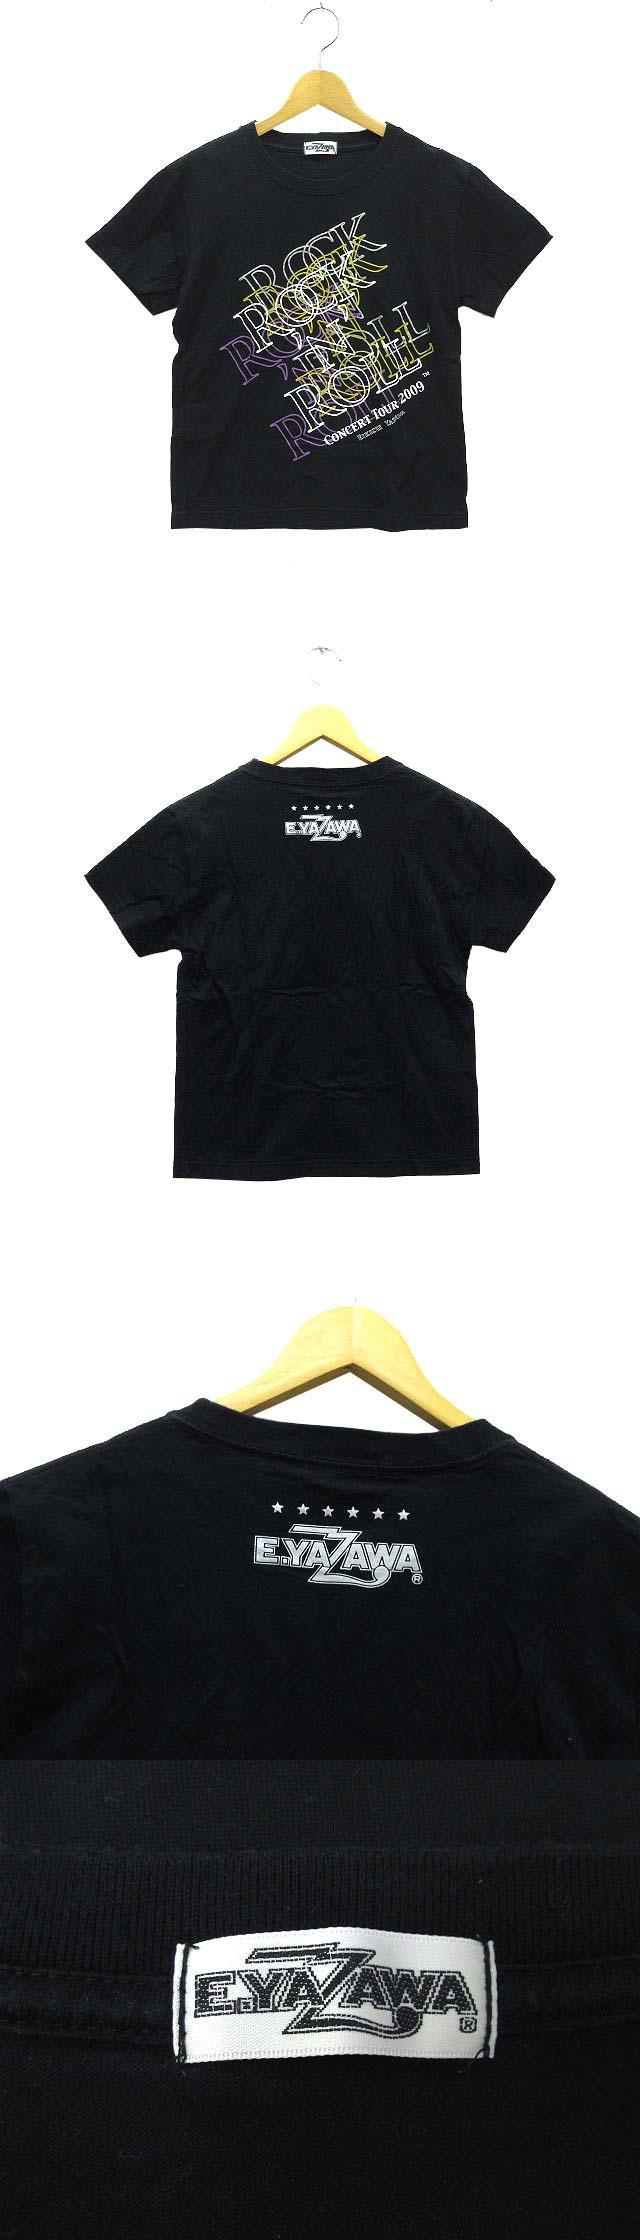 矢沢永吉 E.YAZAWA ライブ Tシャツ 半袖 コンサート ツアー 2009 ROCK'N'ROLL ブラック 黒